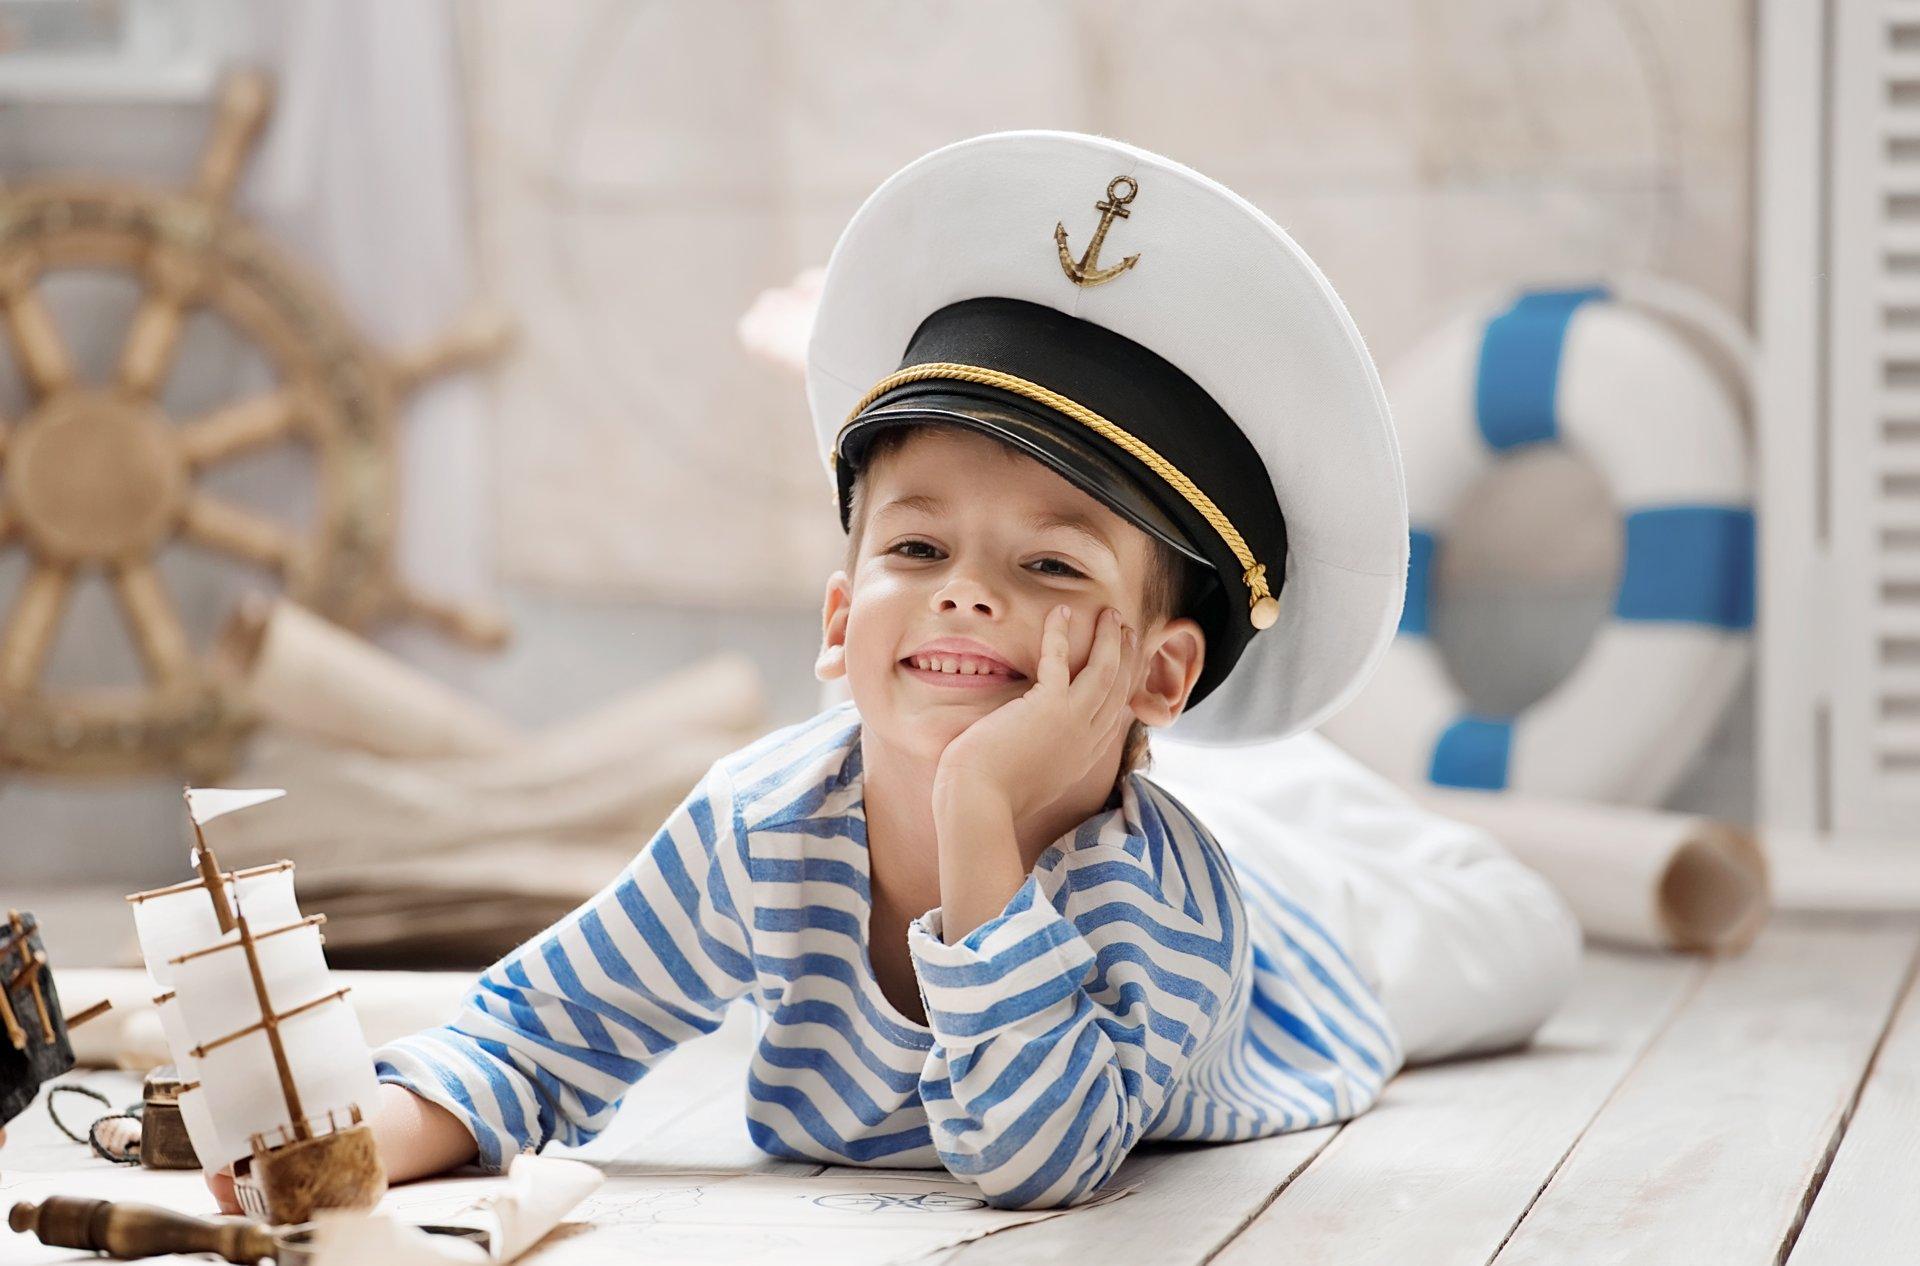 маленькие капитаны картинка